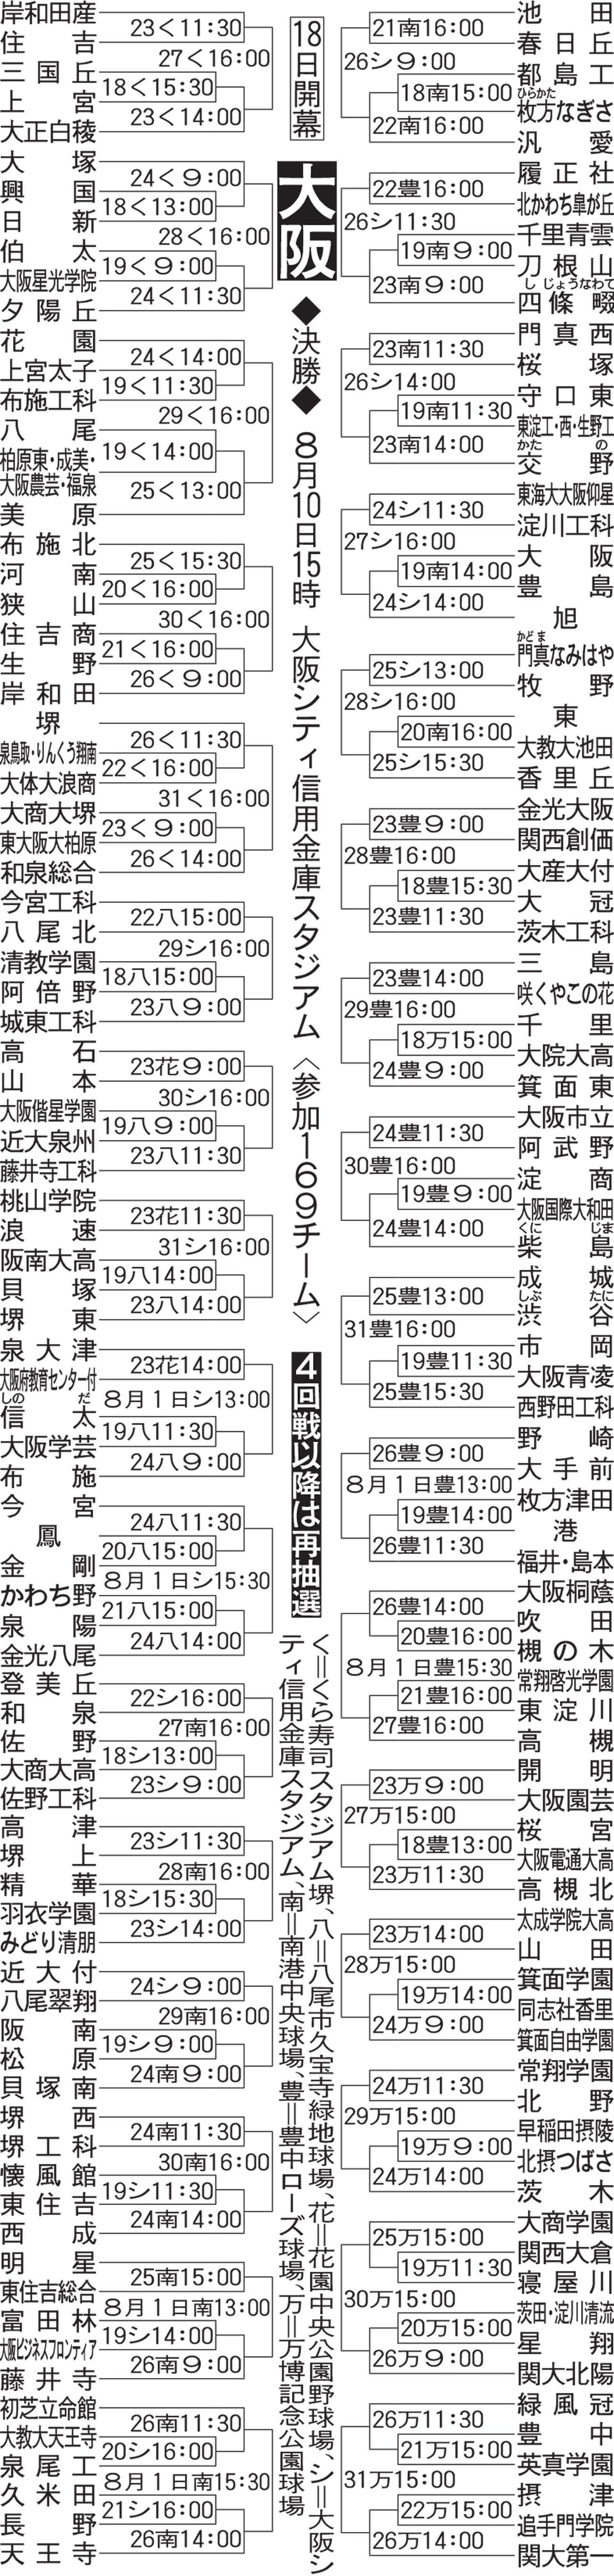 大阪大会組み合わせ